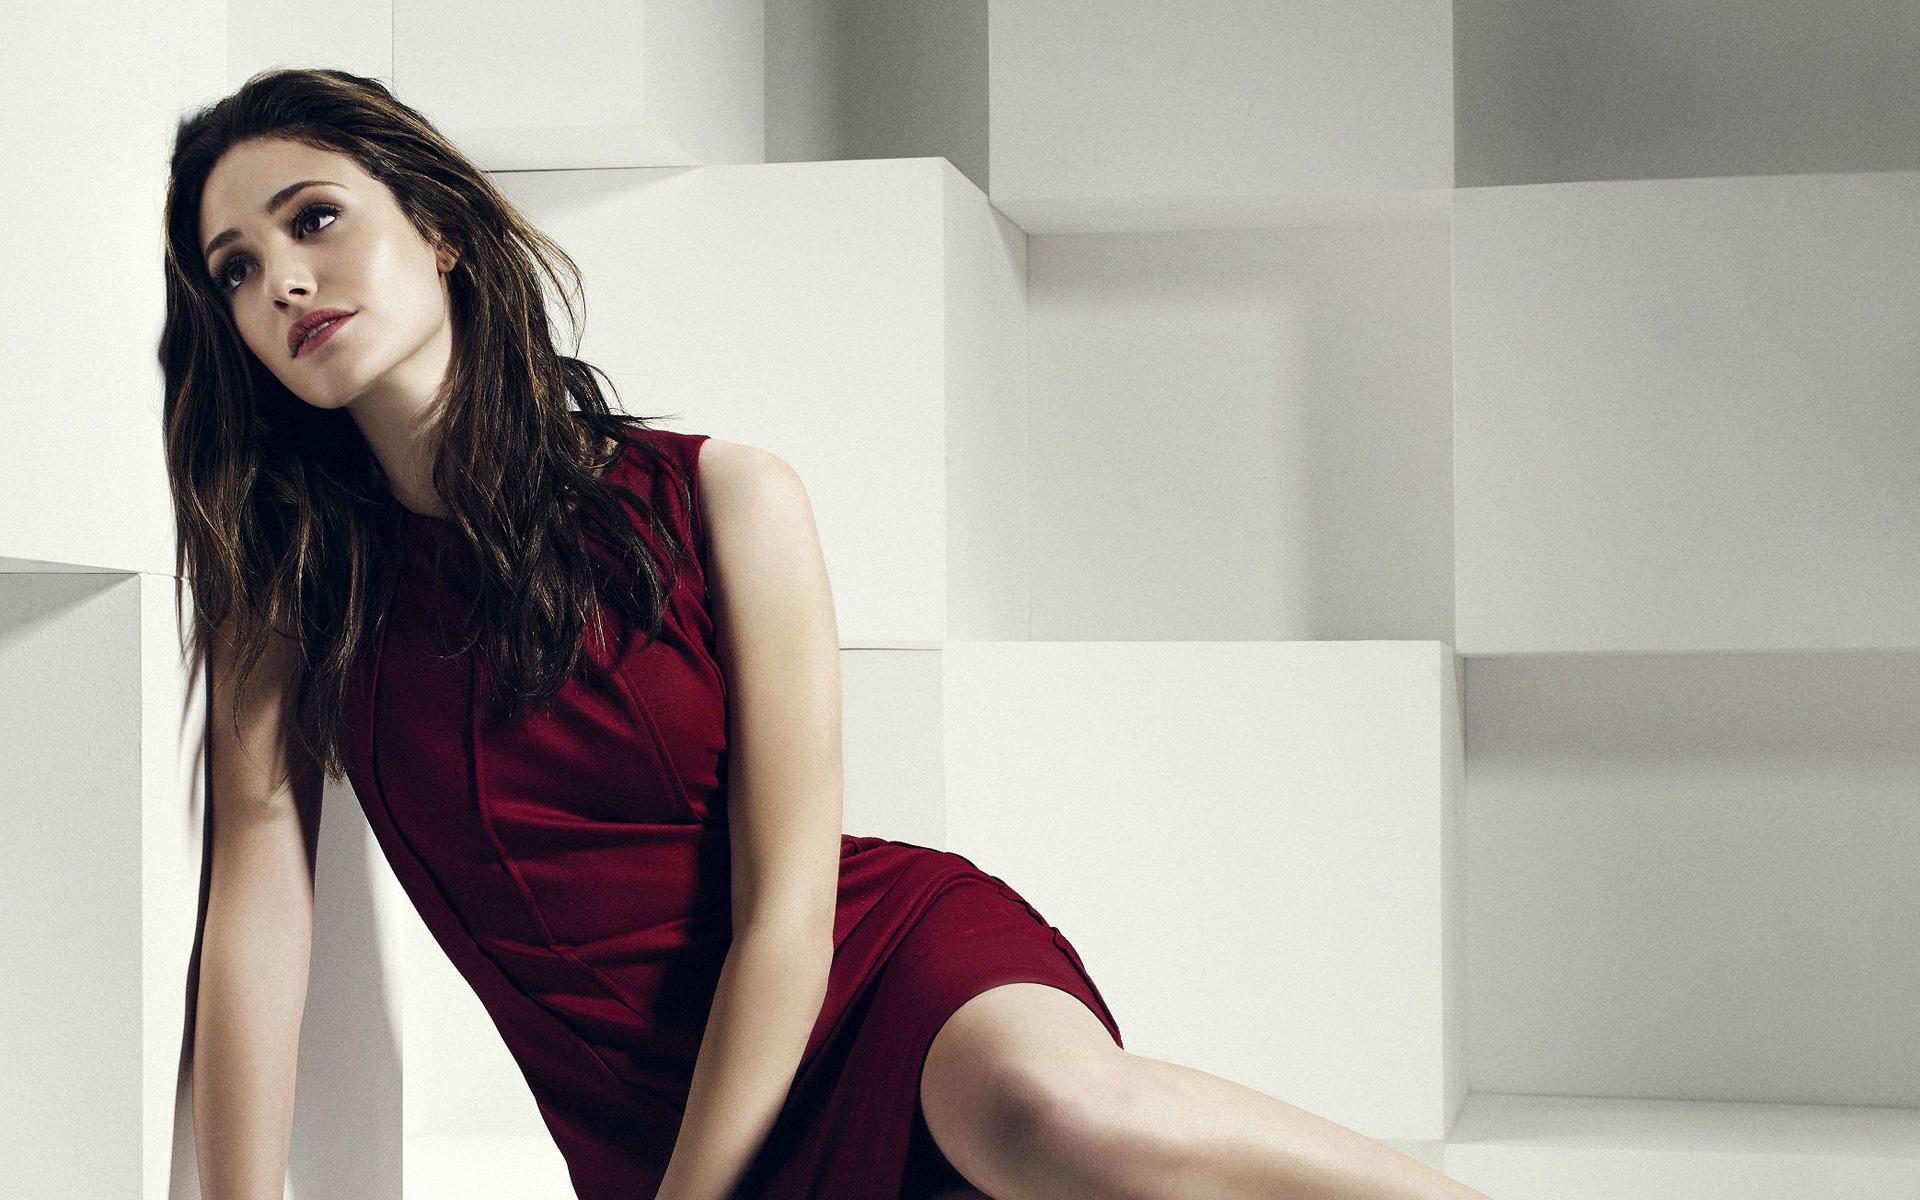 19 Beautiful HD Emmy Rossum Wallpapers - HDWallSource.com Emmy Rossum Wallpaper